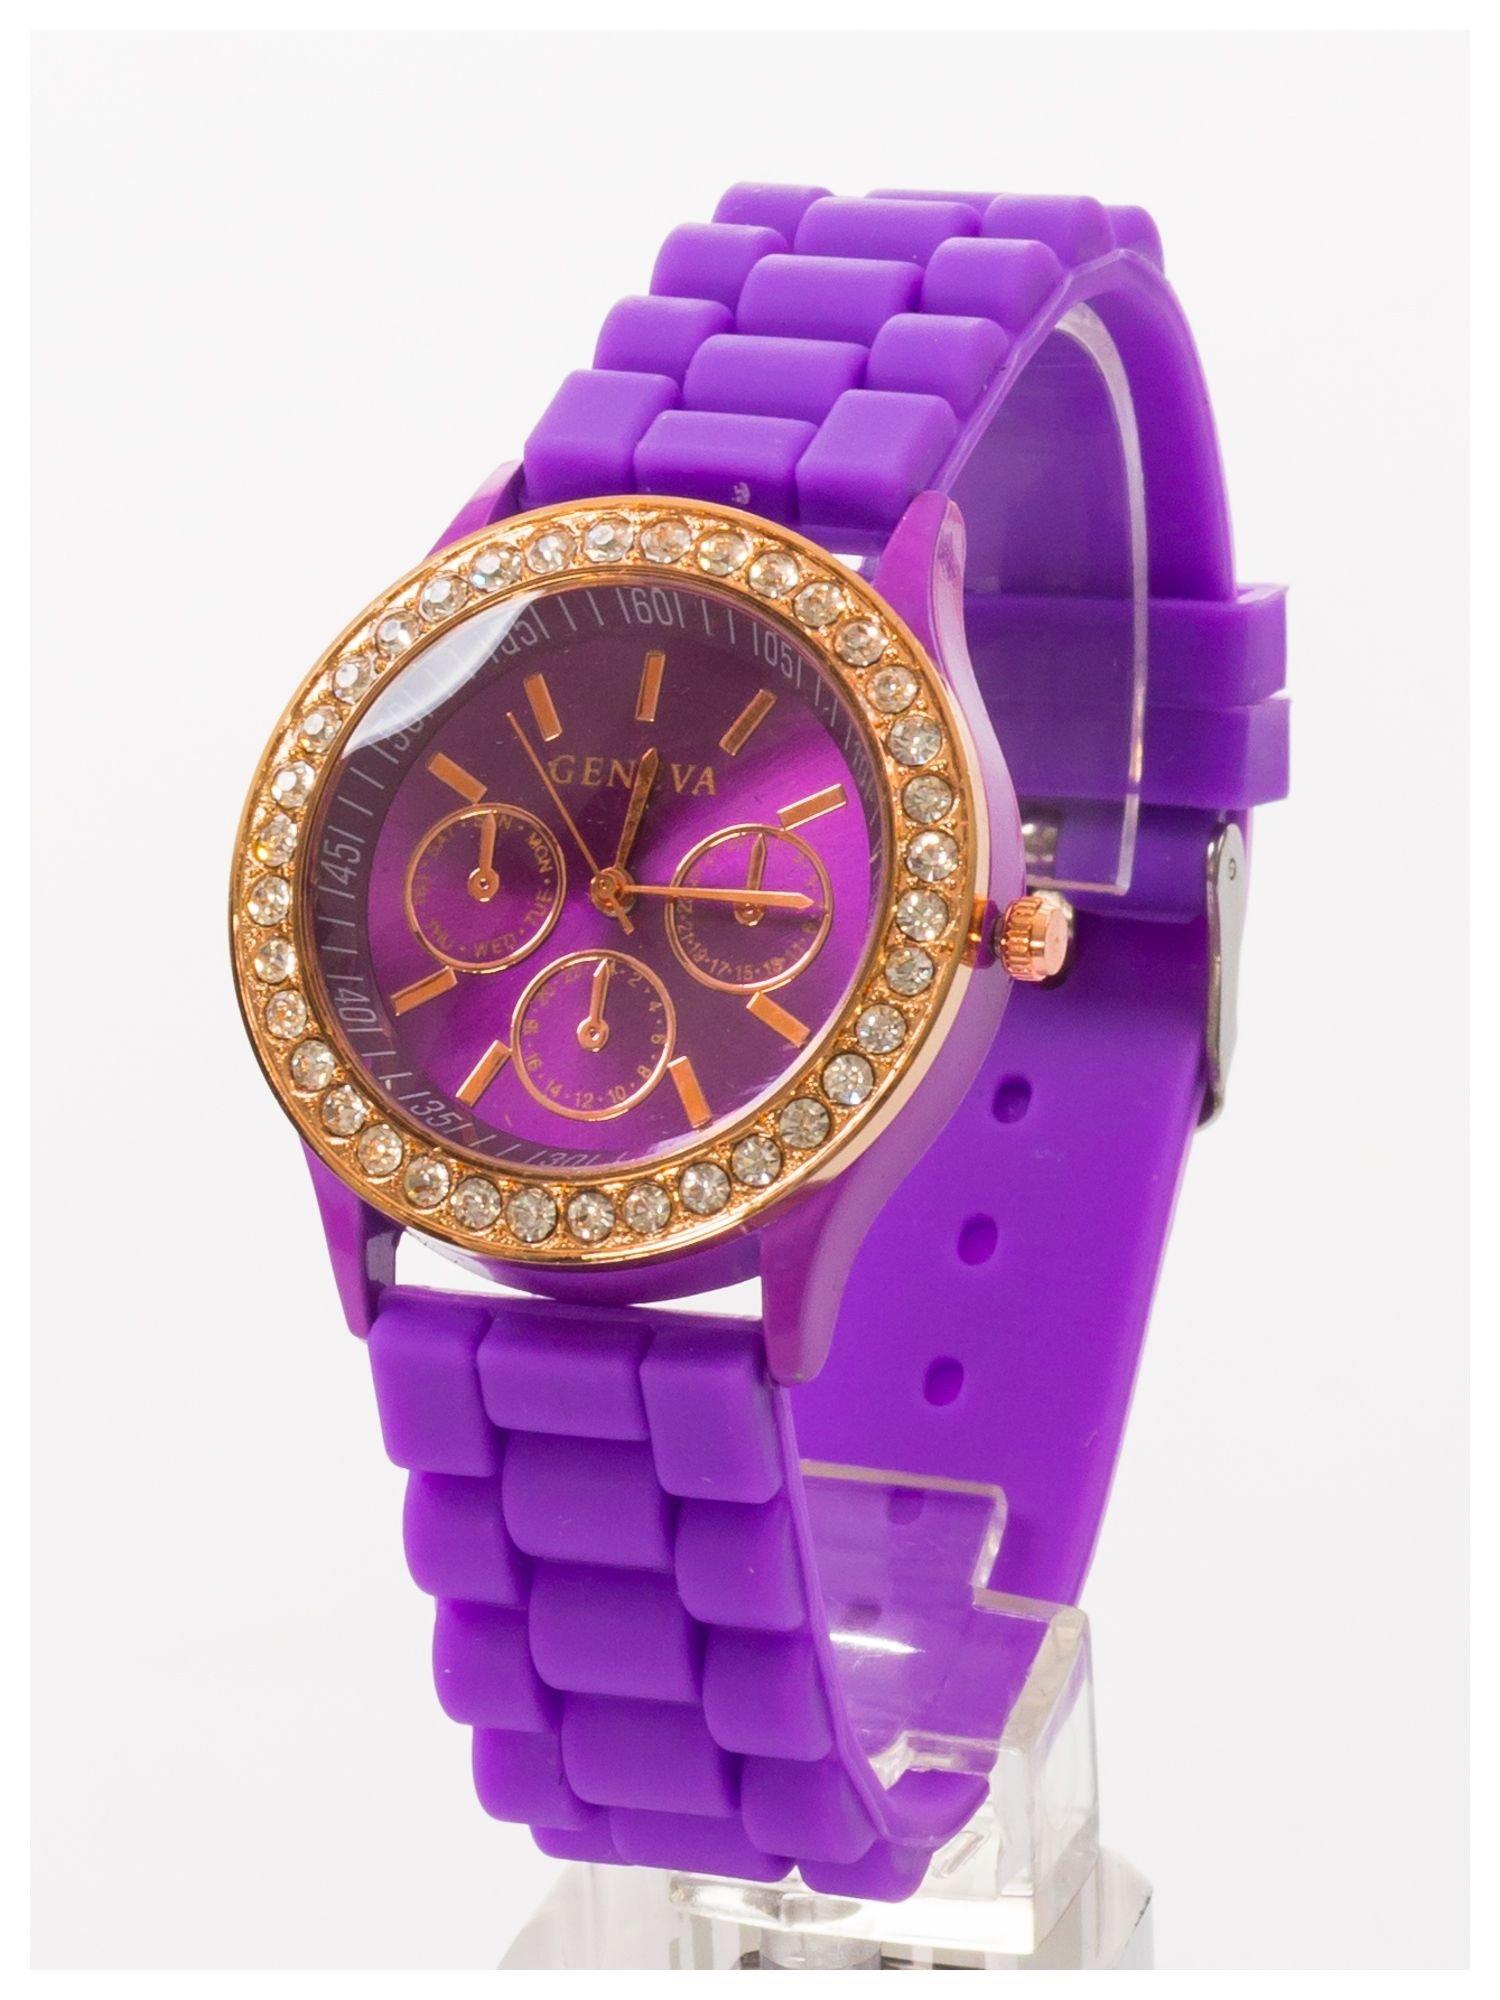 GENEVA Fioletowy zegarek damski z cyrkoniami na silikonowym pasku                                  zdj.                                  2